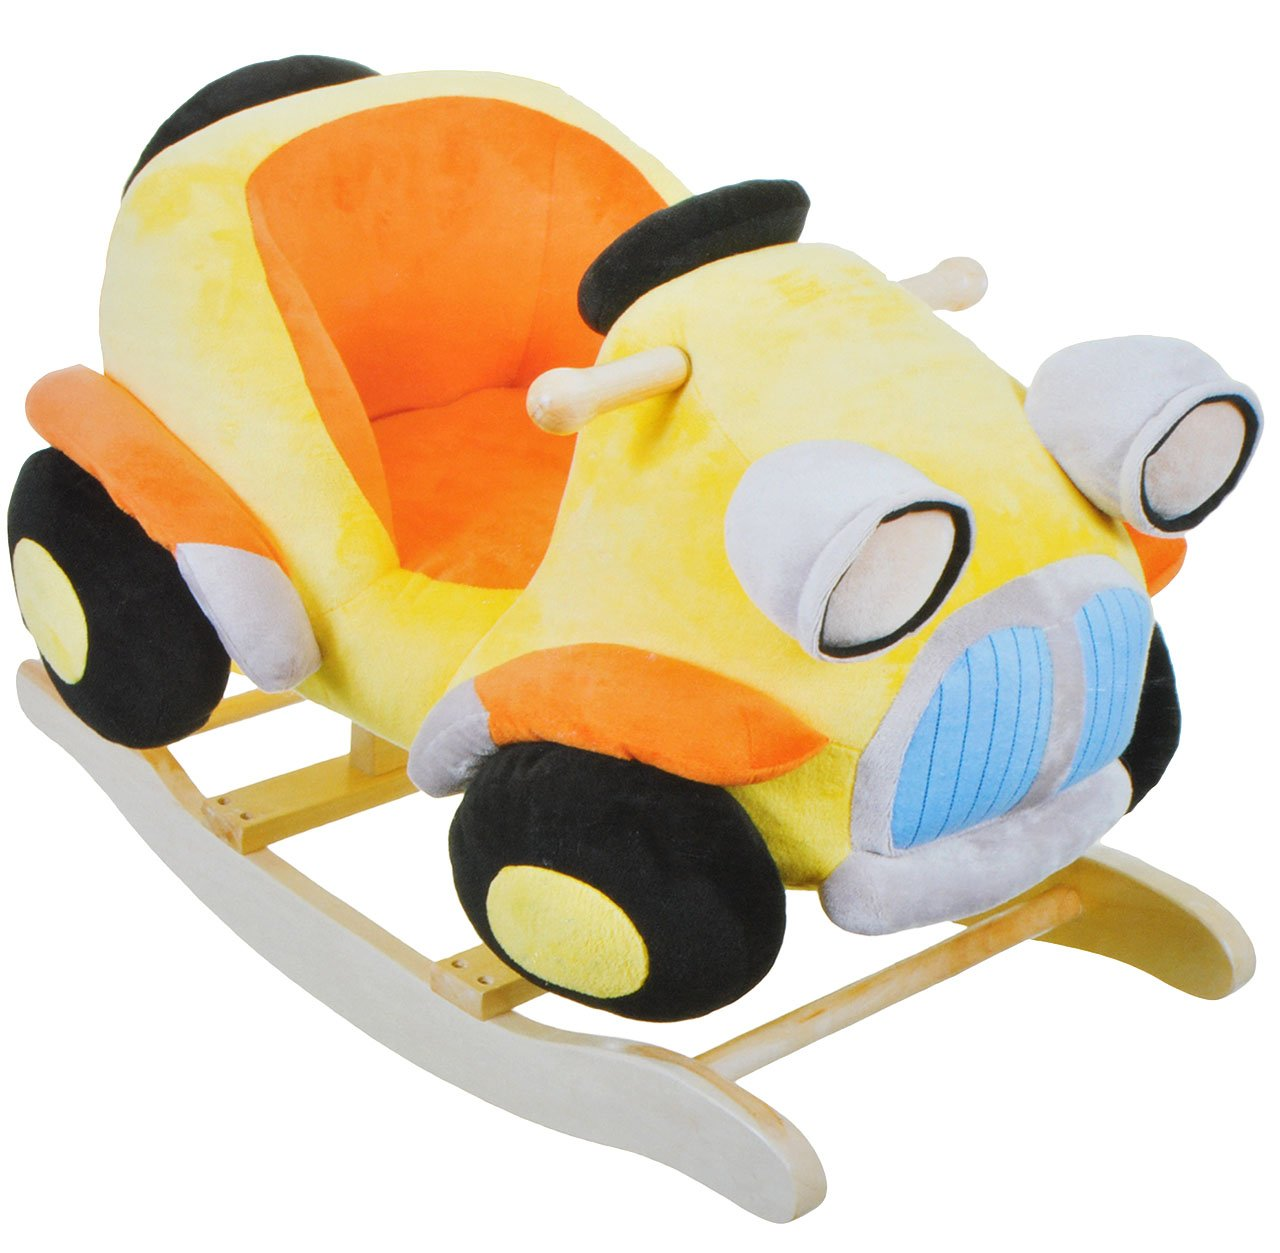 XL Plüsch und Holz Schaukelpferd - Auto Fahrzeug - Schaukeltier Kind Schaukel Schaukelauto Tier Tiere Plüschschaukel für Kinder Jungen Autos